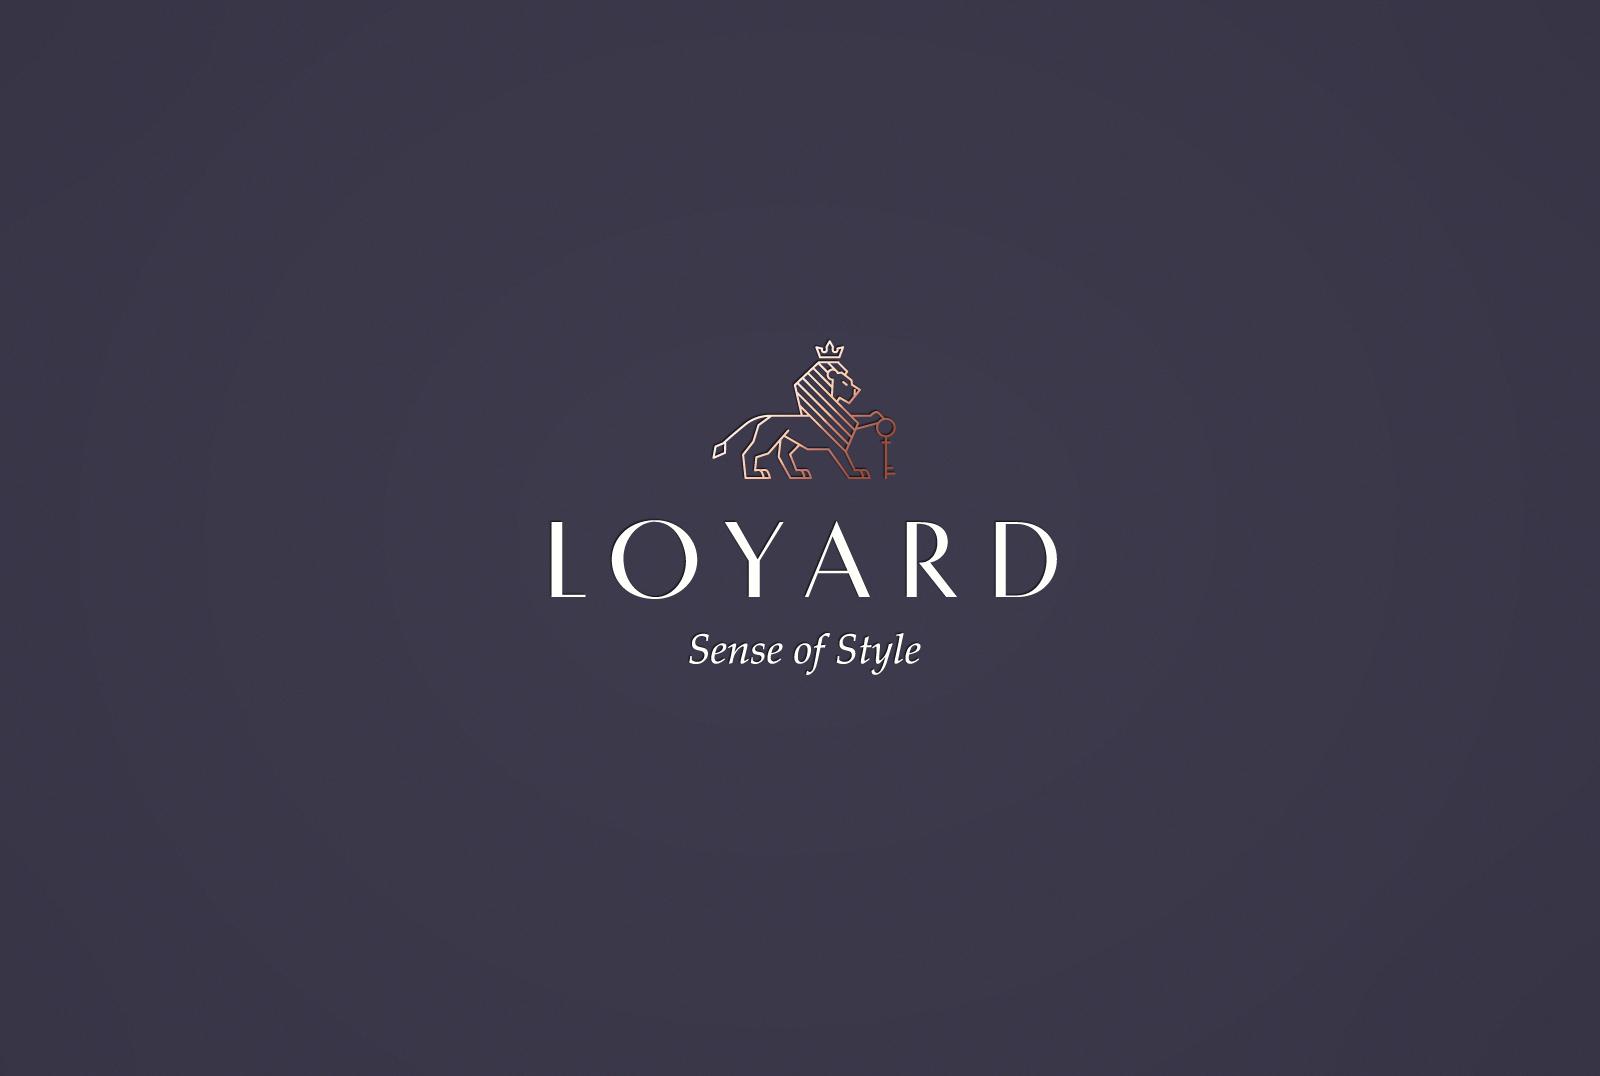 Разработка бренда межкомнатных дверей премиального качества LOYARD. Нейминг и дизайн фирменного стиля.